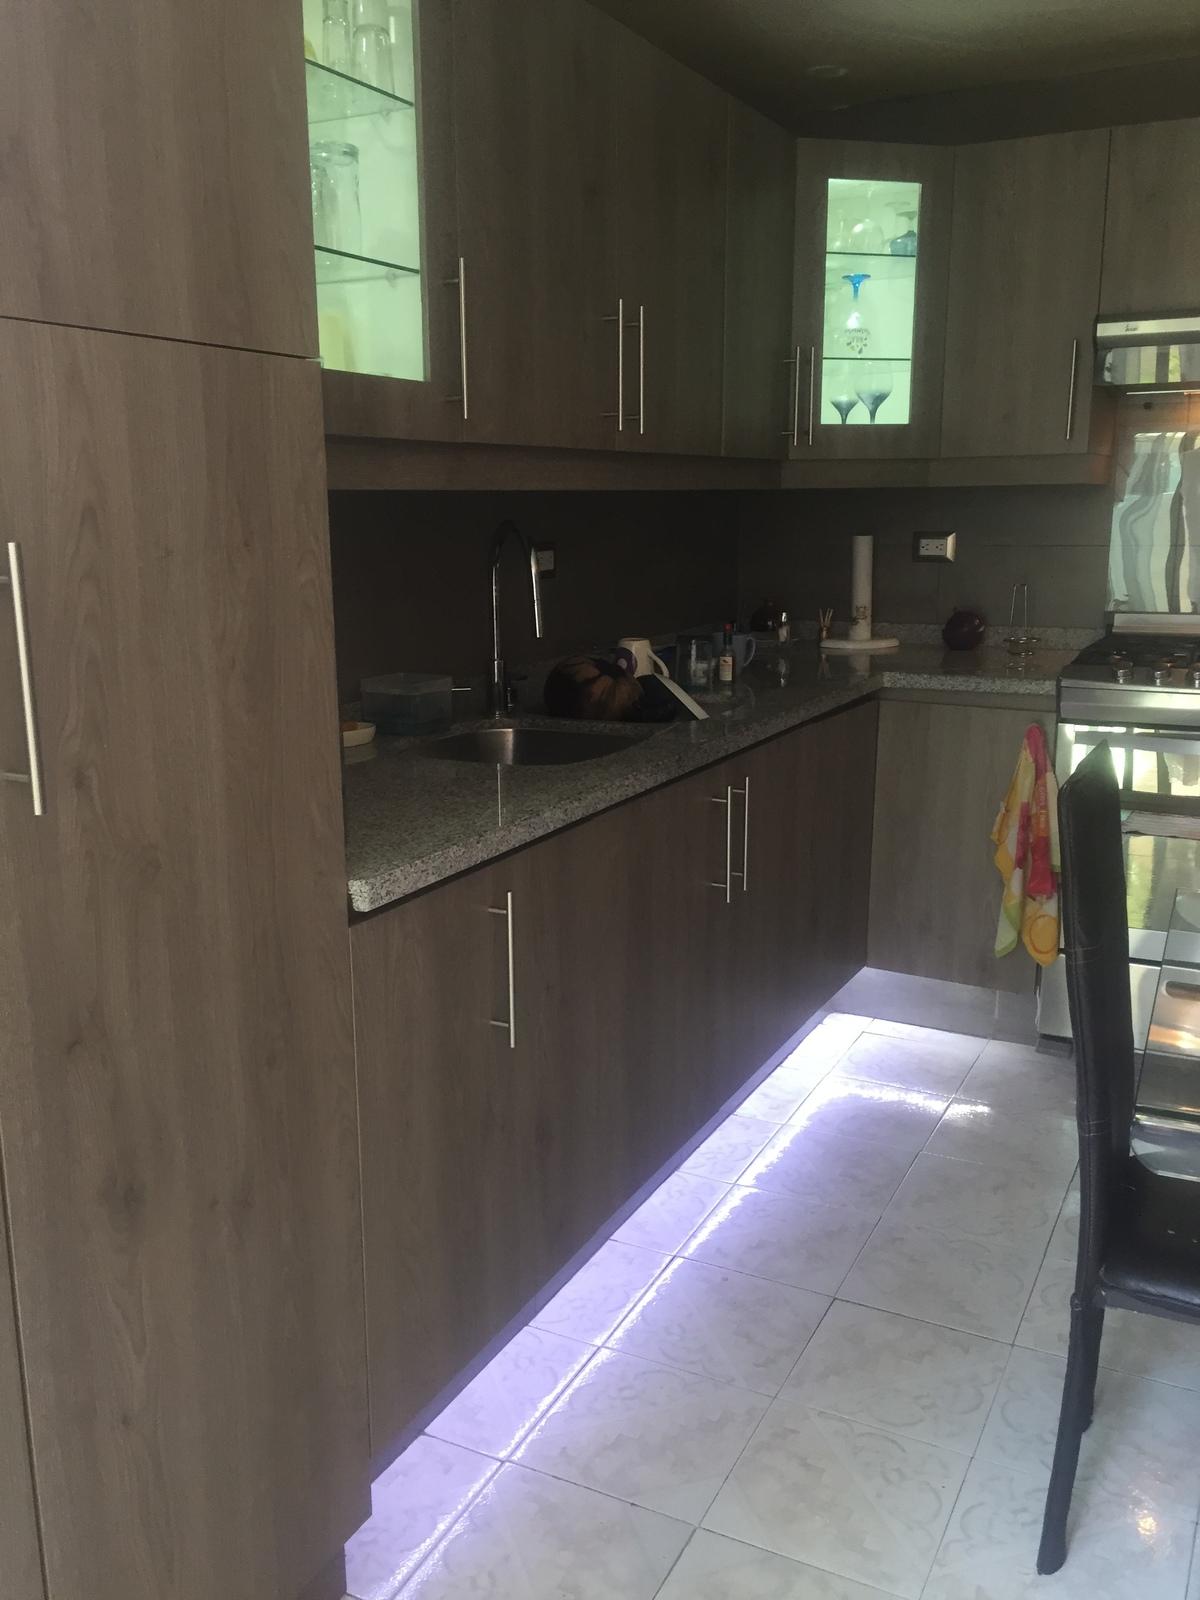 4 de 23: Cocina con luz en vitrinas y parte inferior